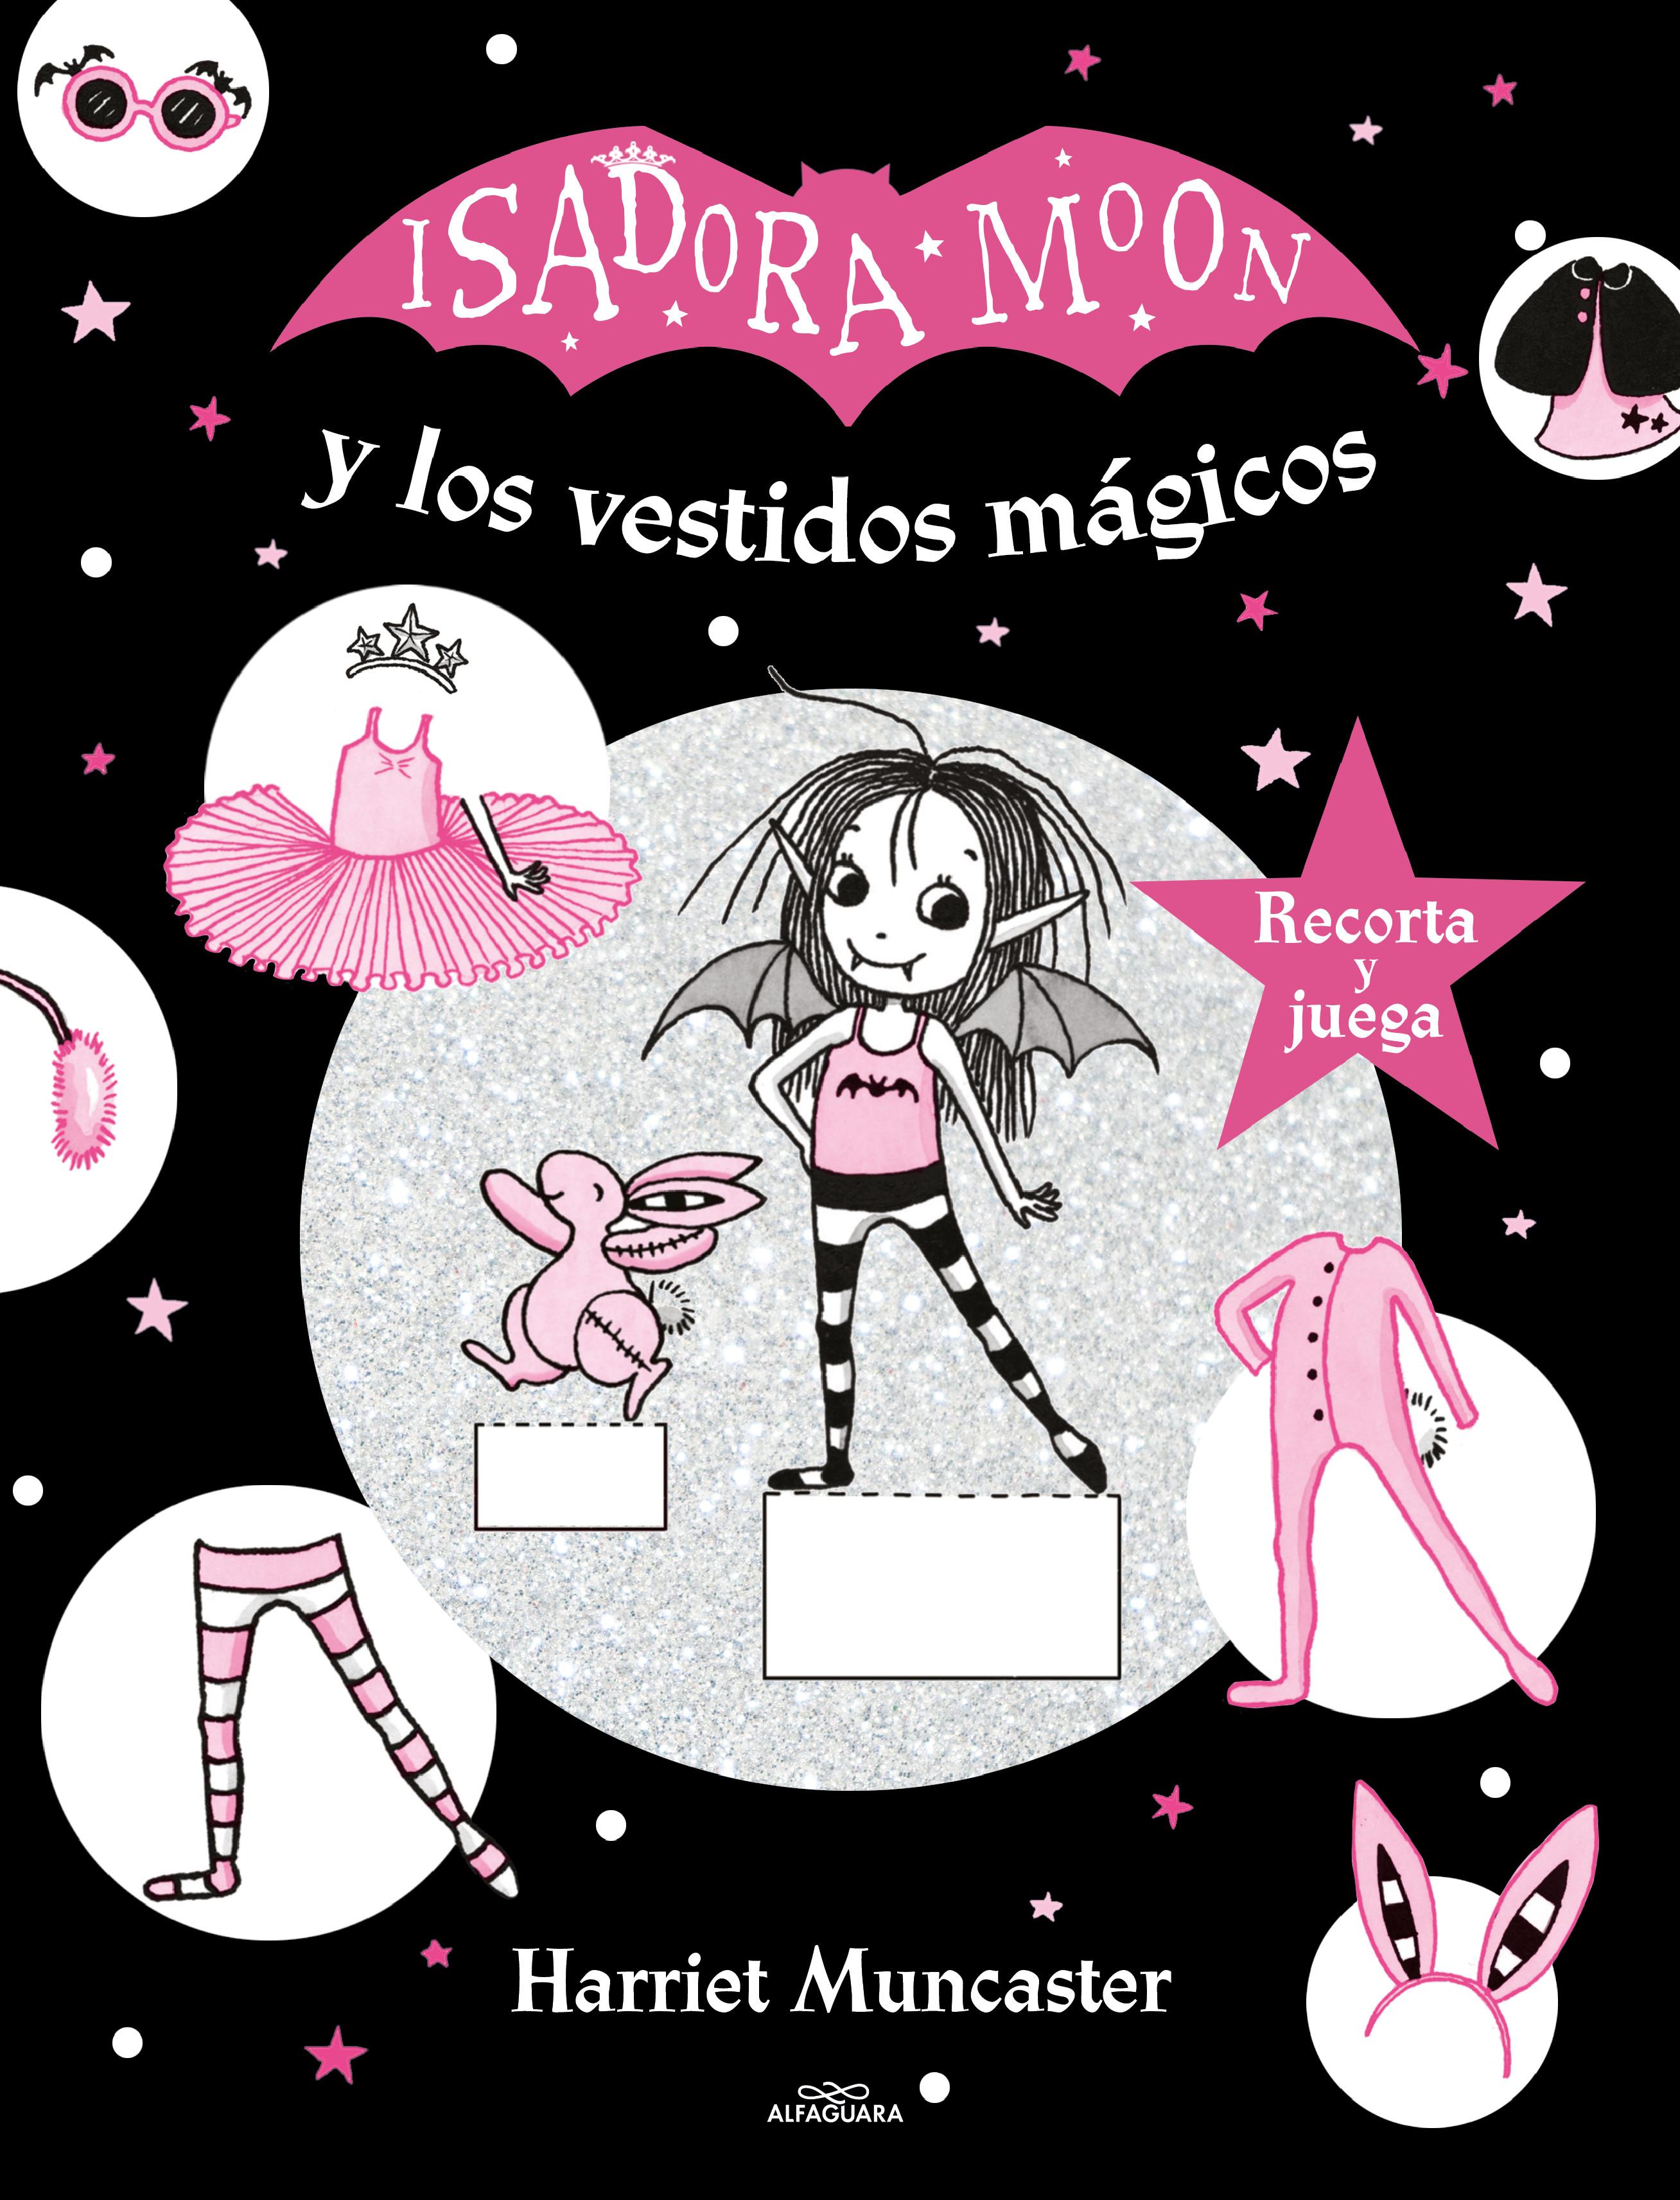 Isadora Moon y los vestidos mágicos (Isadora Moon): Recorta y juega